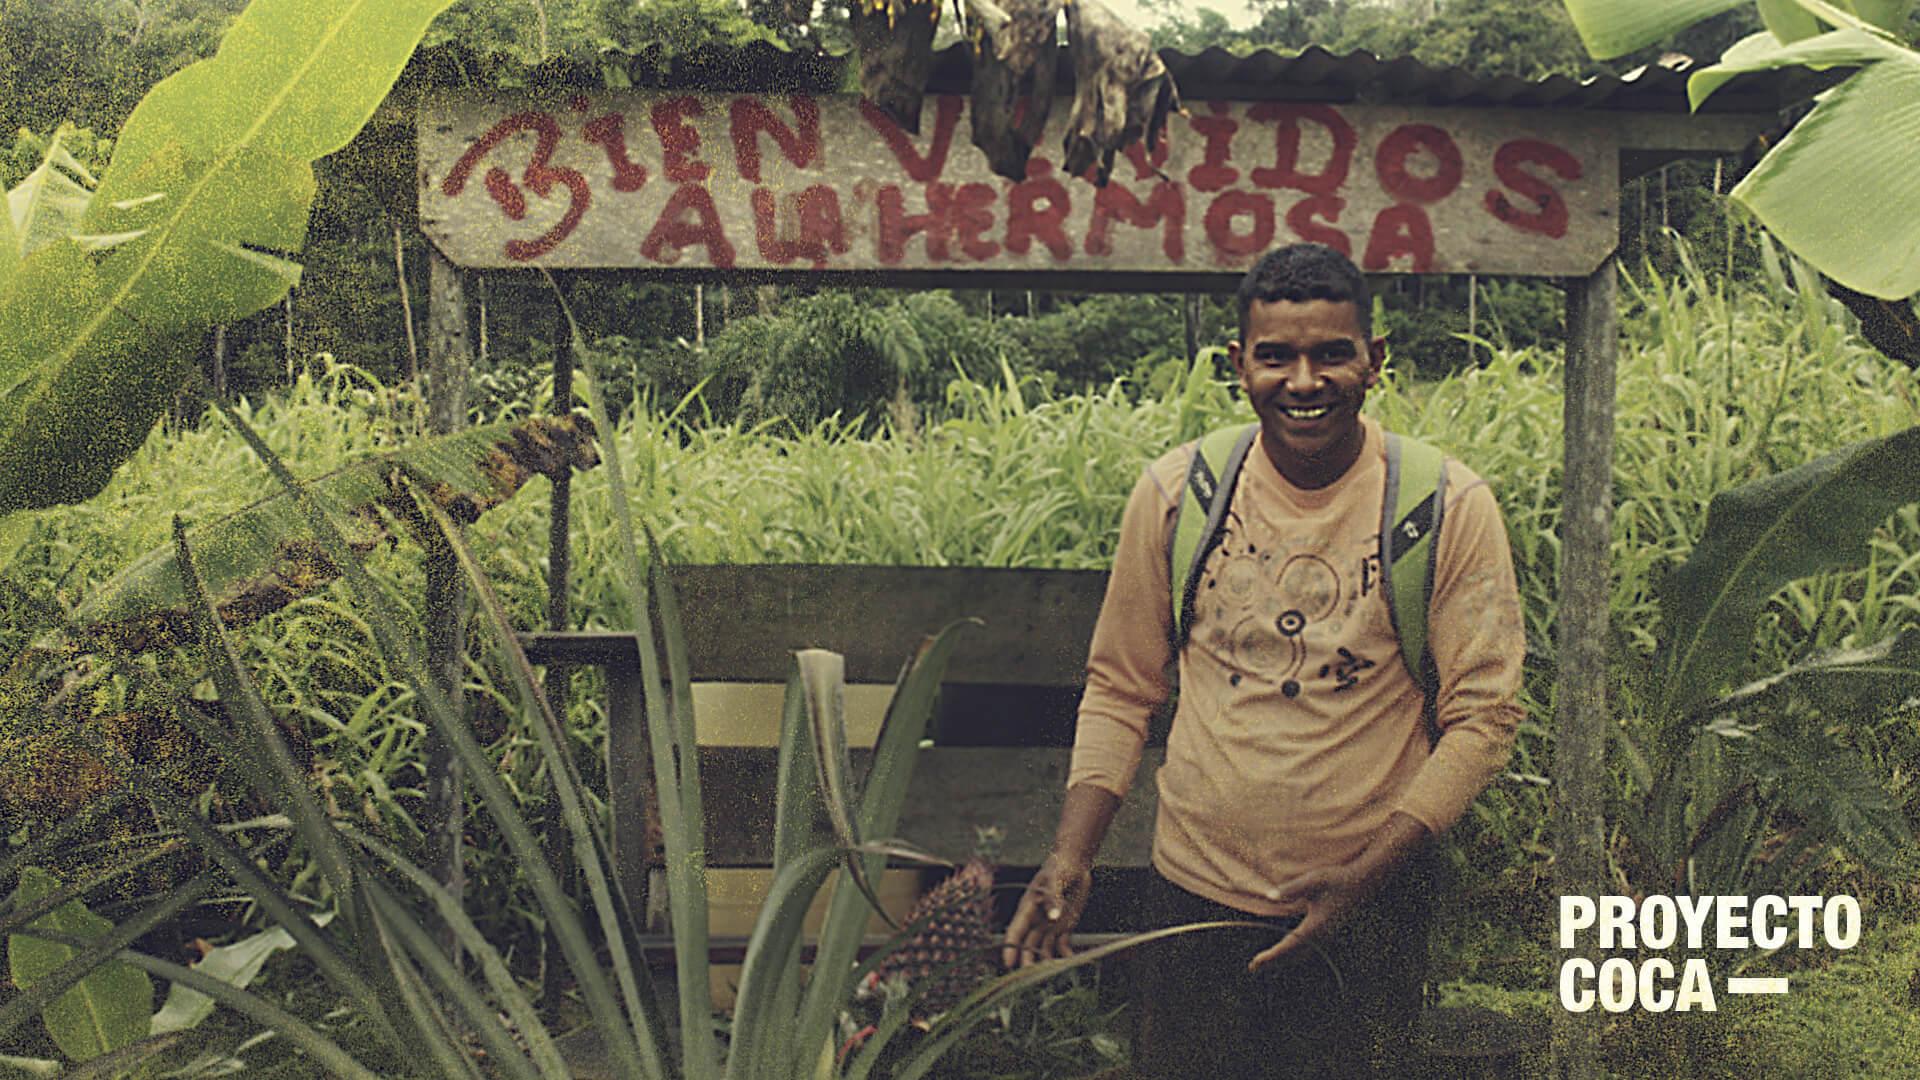 Ni coca, ni deforestación: campesinos del Caquetá quieren cuidar el ambiente